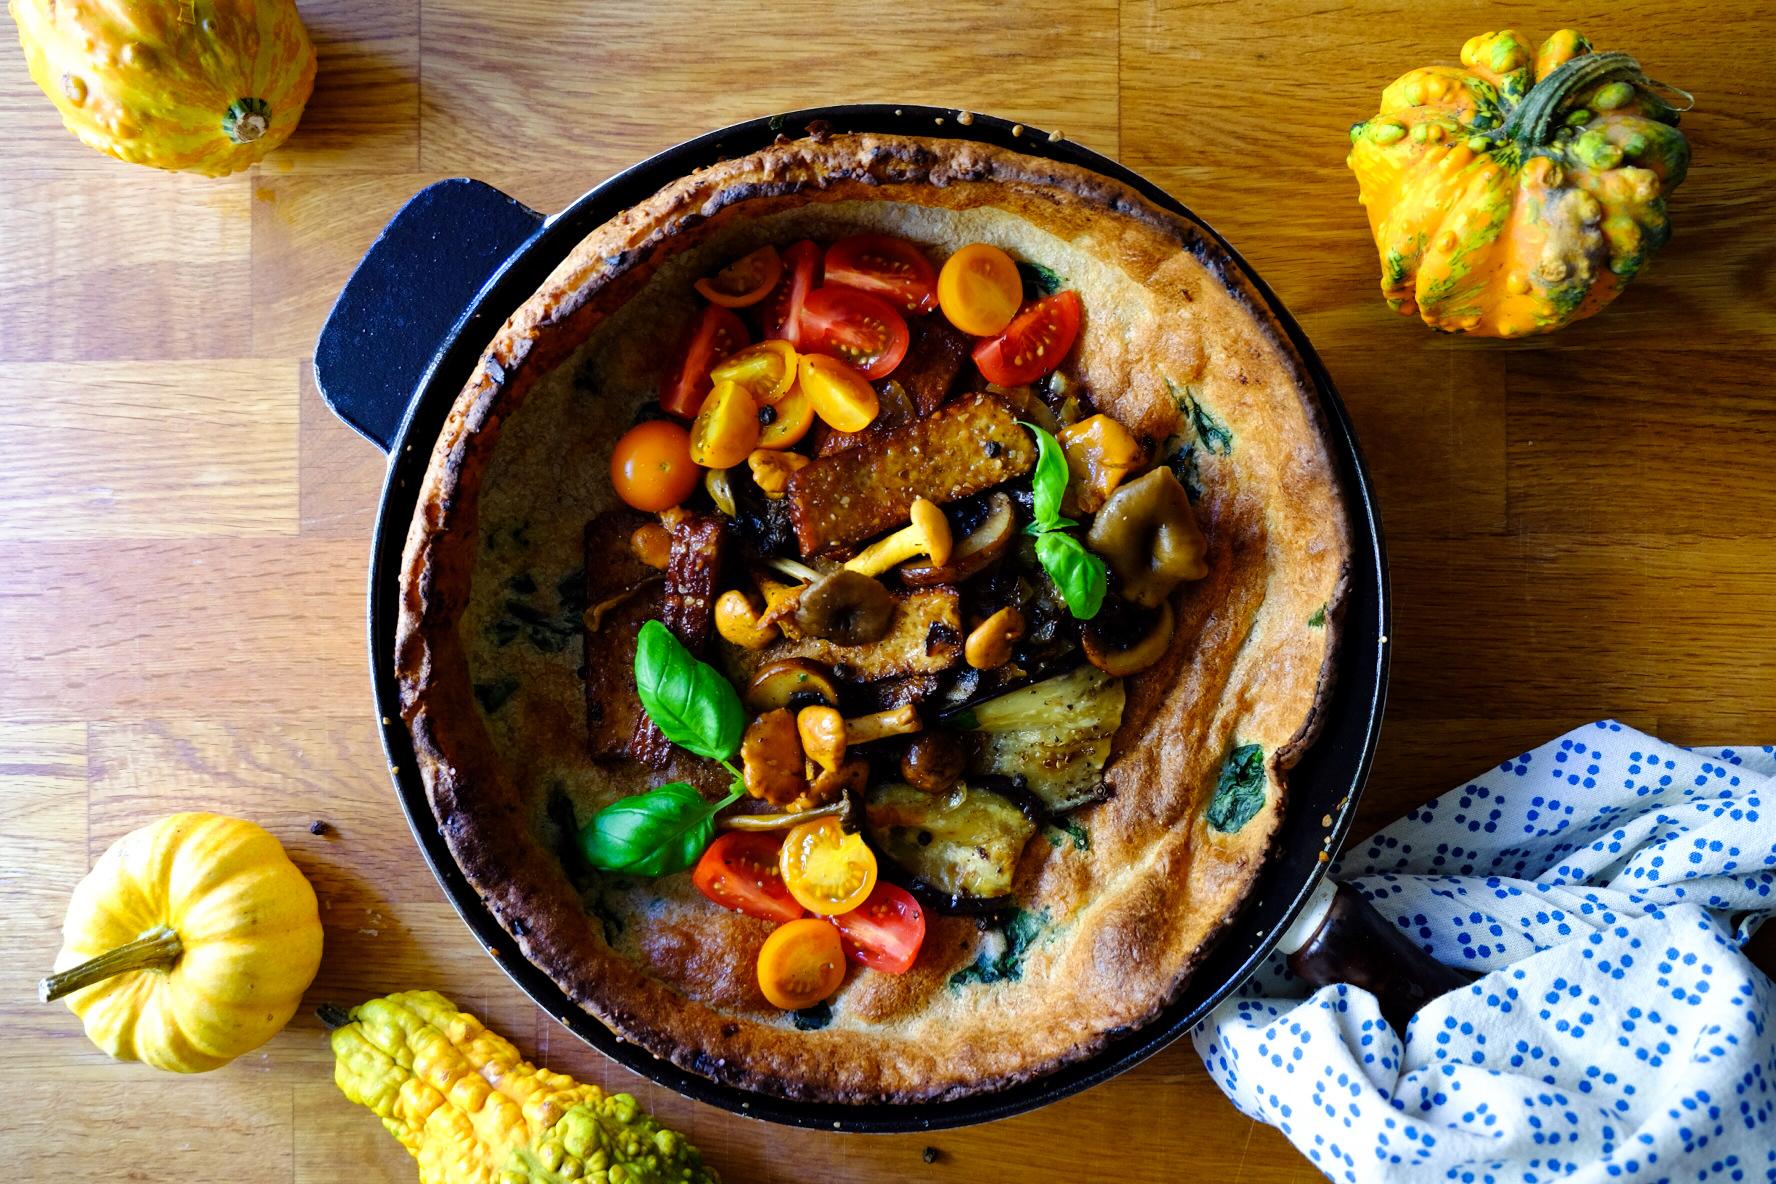 Savoury Dutch Baby Pancake  with foraged mushrooms, tofu, and cherry tomatoes  © Menzi Mhlanga